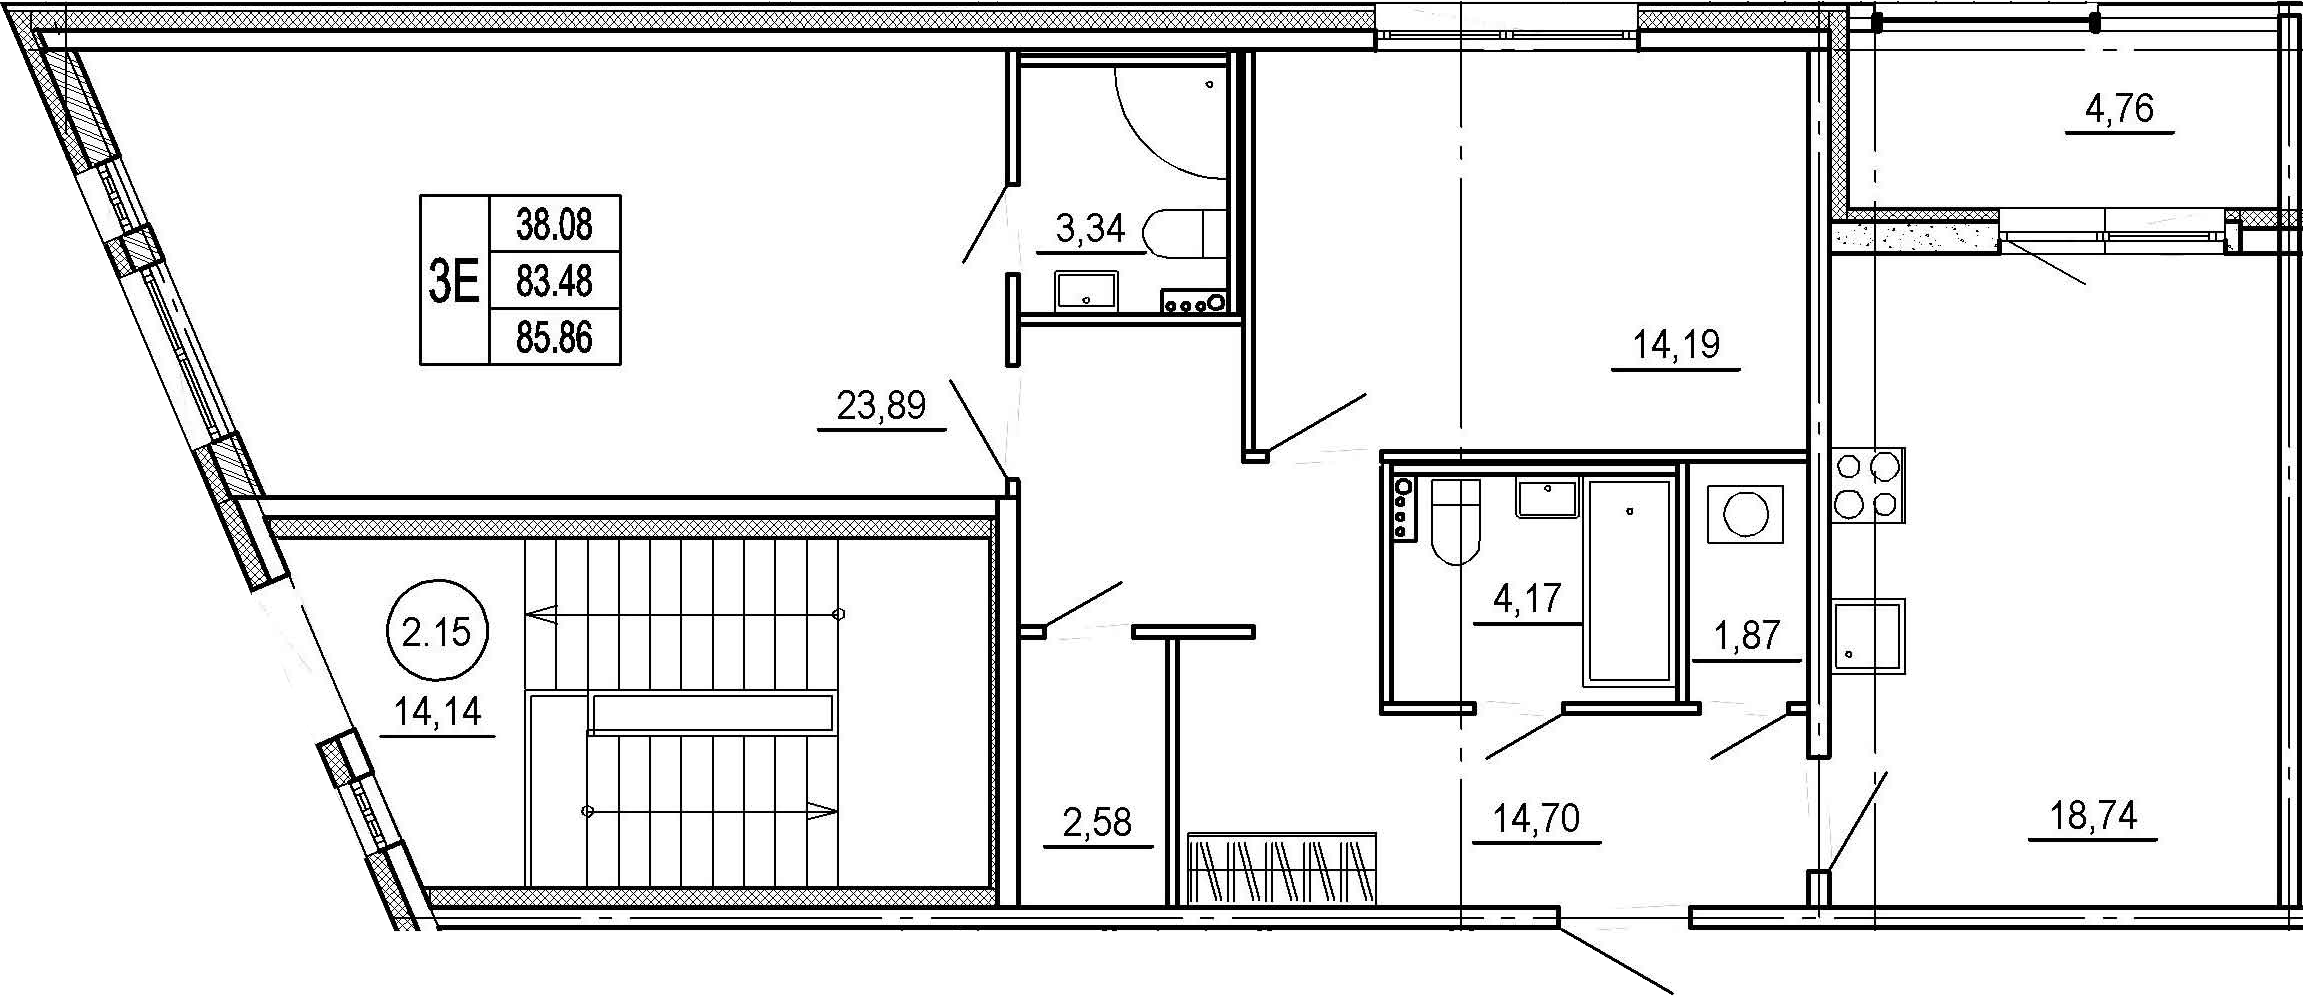 3-к.кв (евро), 88.24 м²